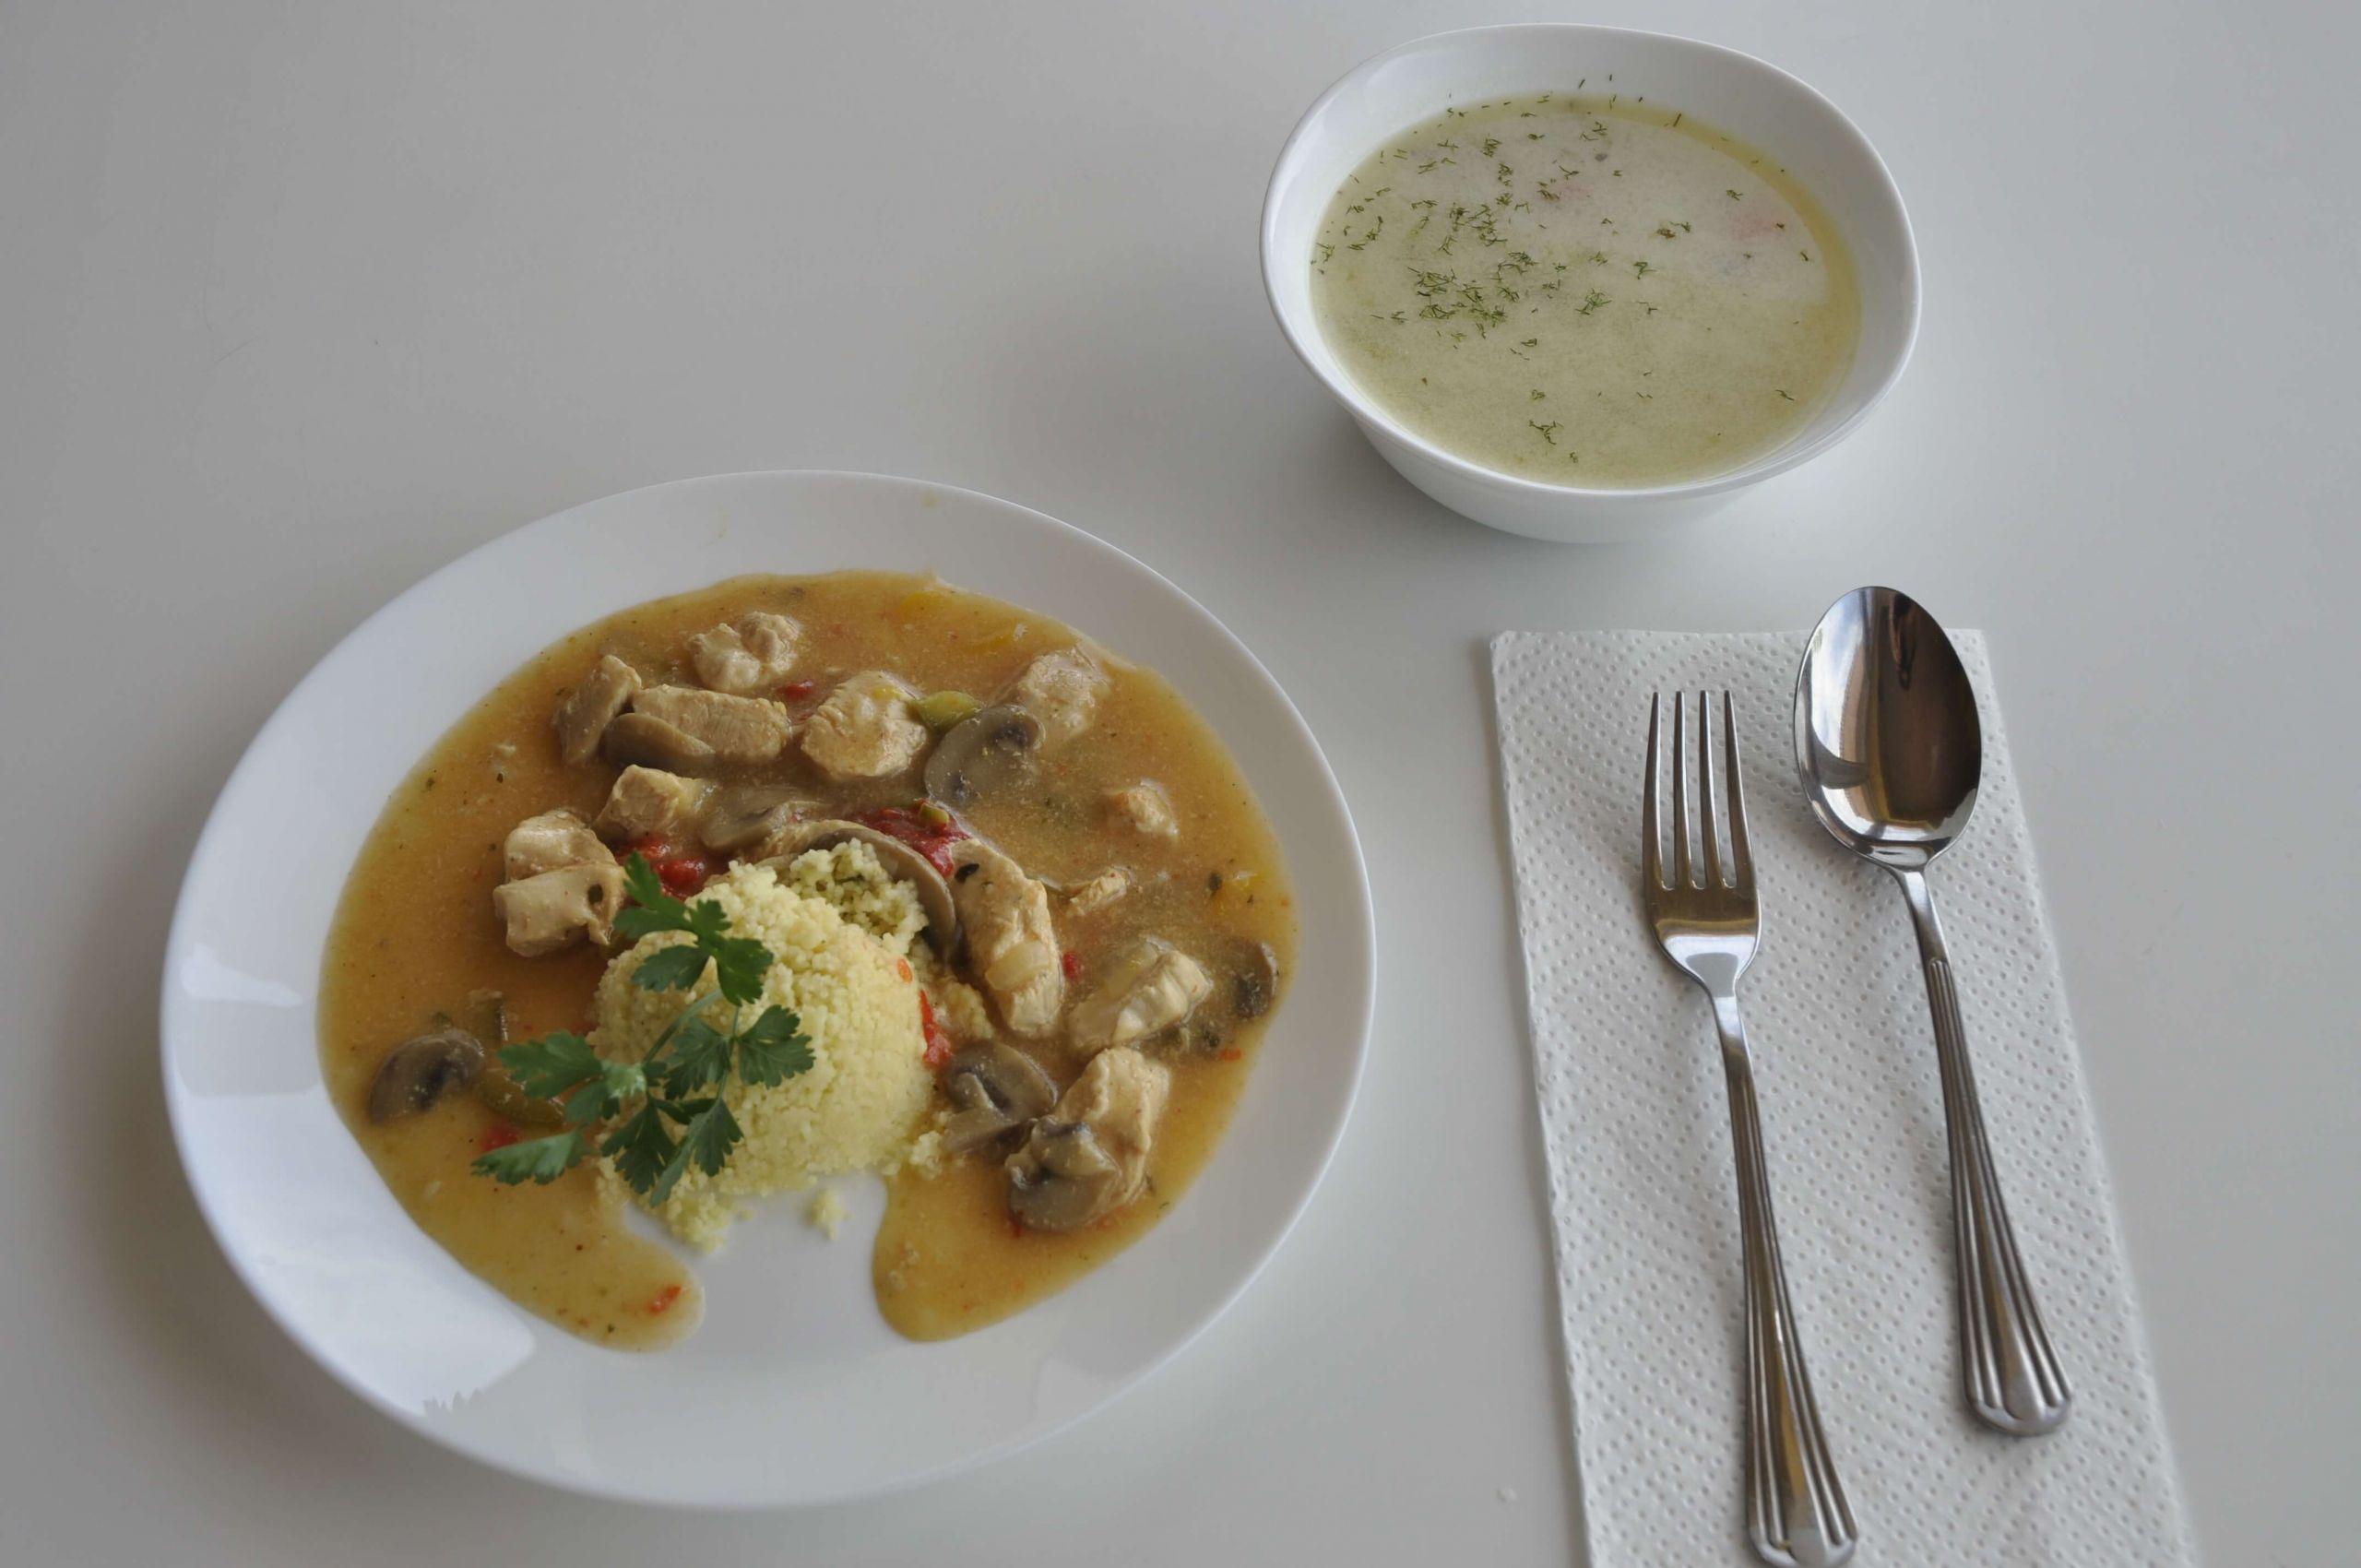 kurczak w delikatnym sosie z pieczarkami i papryką z kaszą kuskus oraz zupa koperkowa